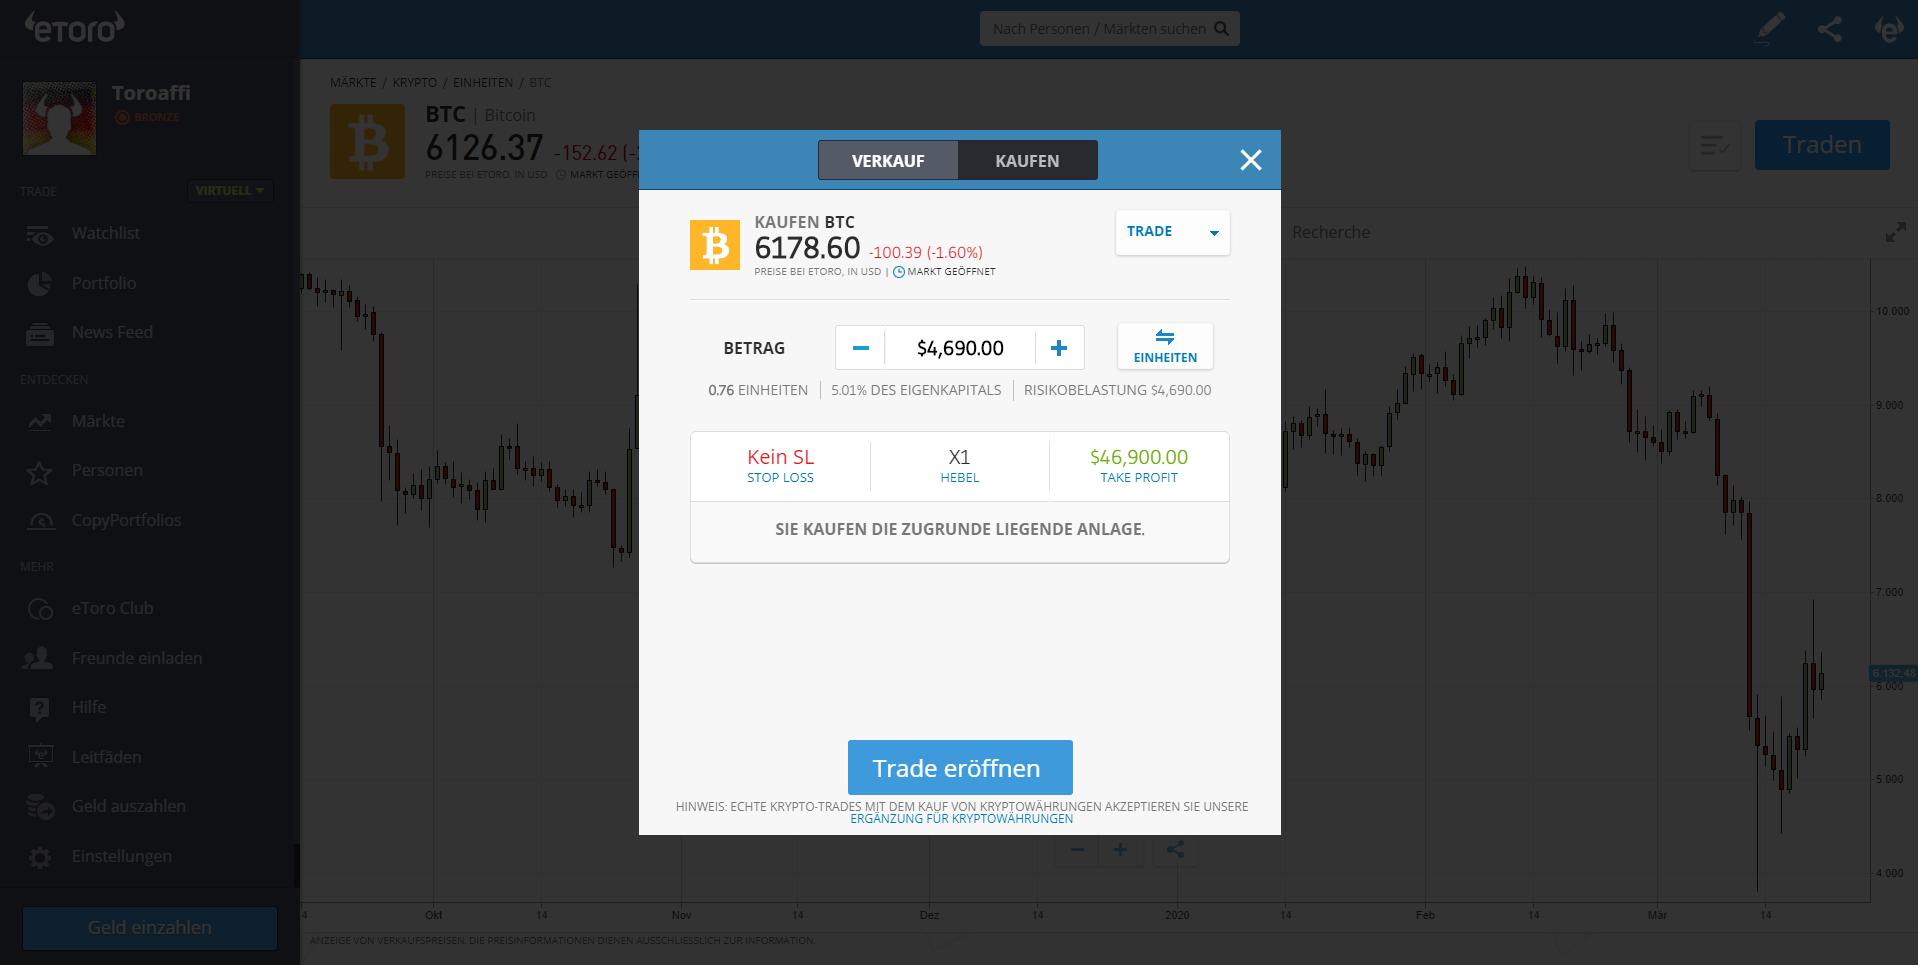 Kaufen und Verkaufen von Kryptowährungen